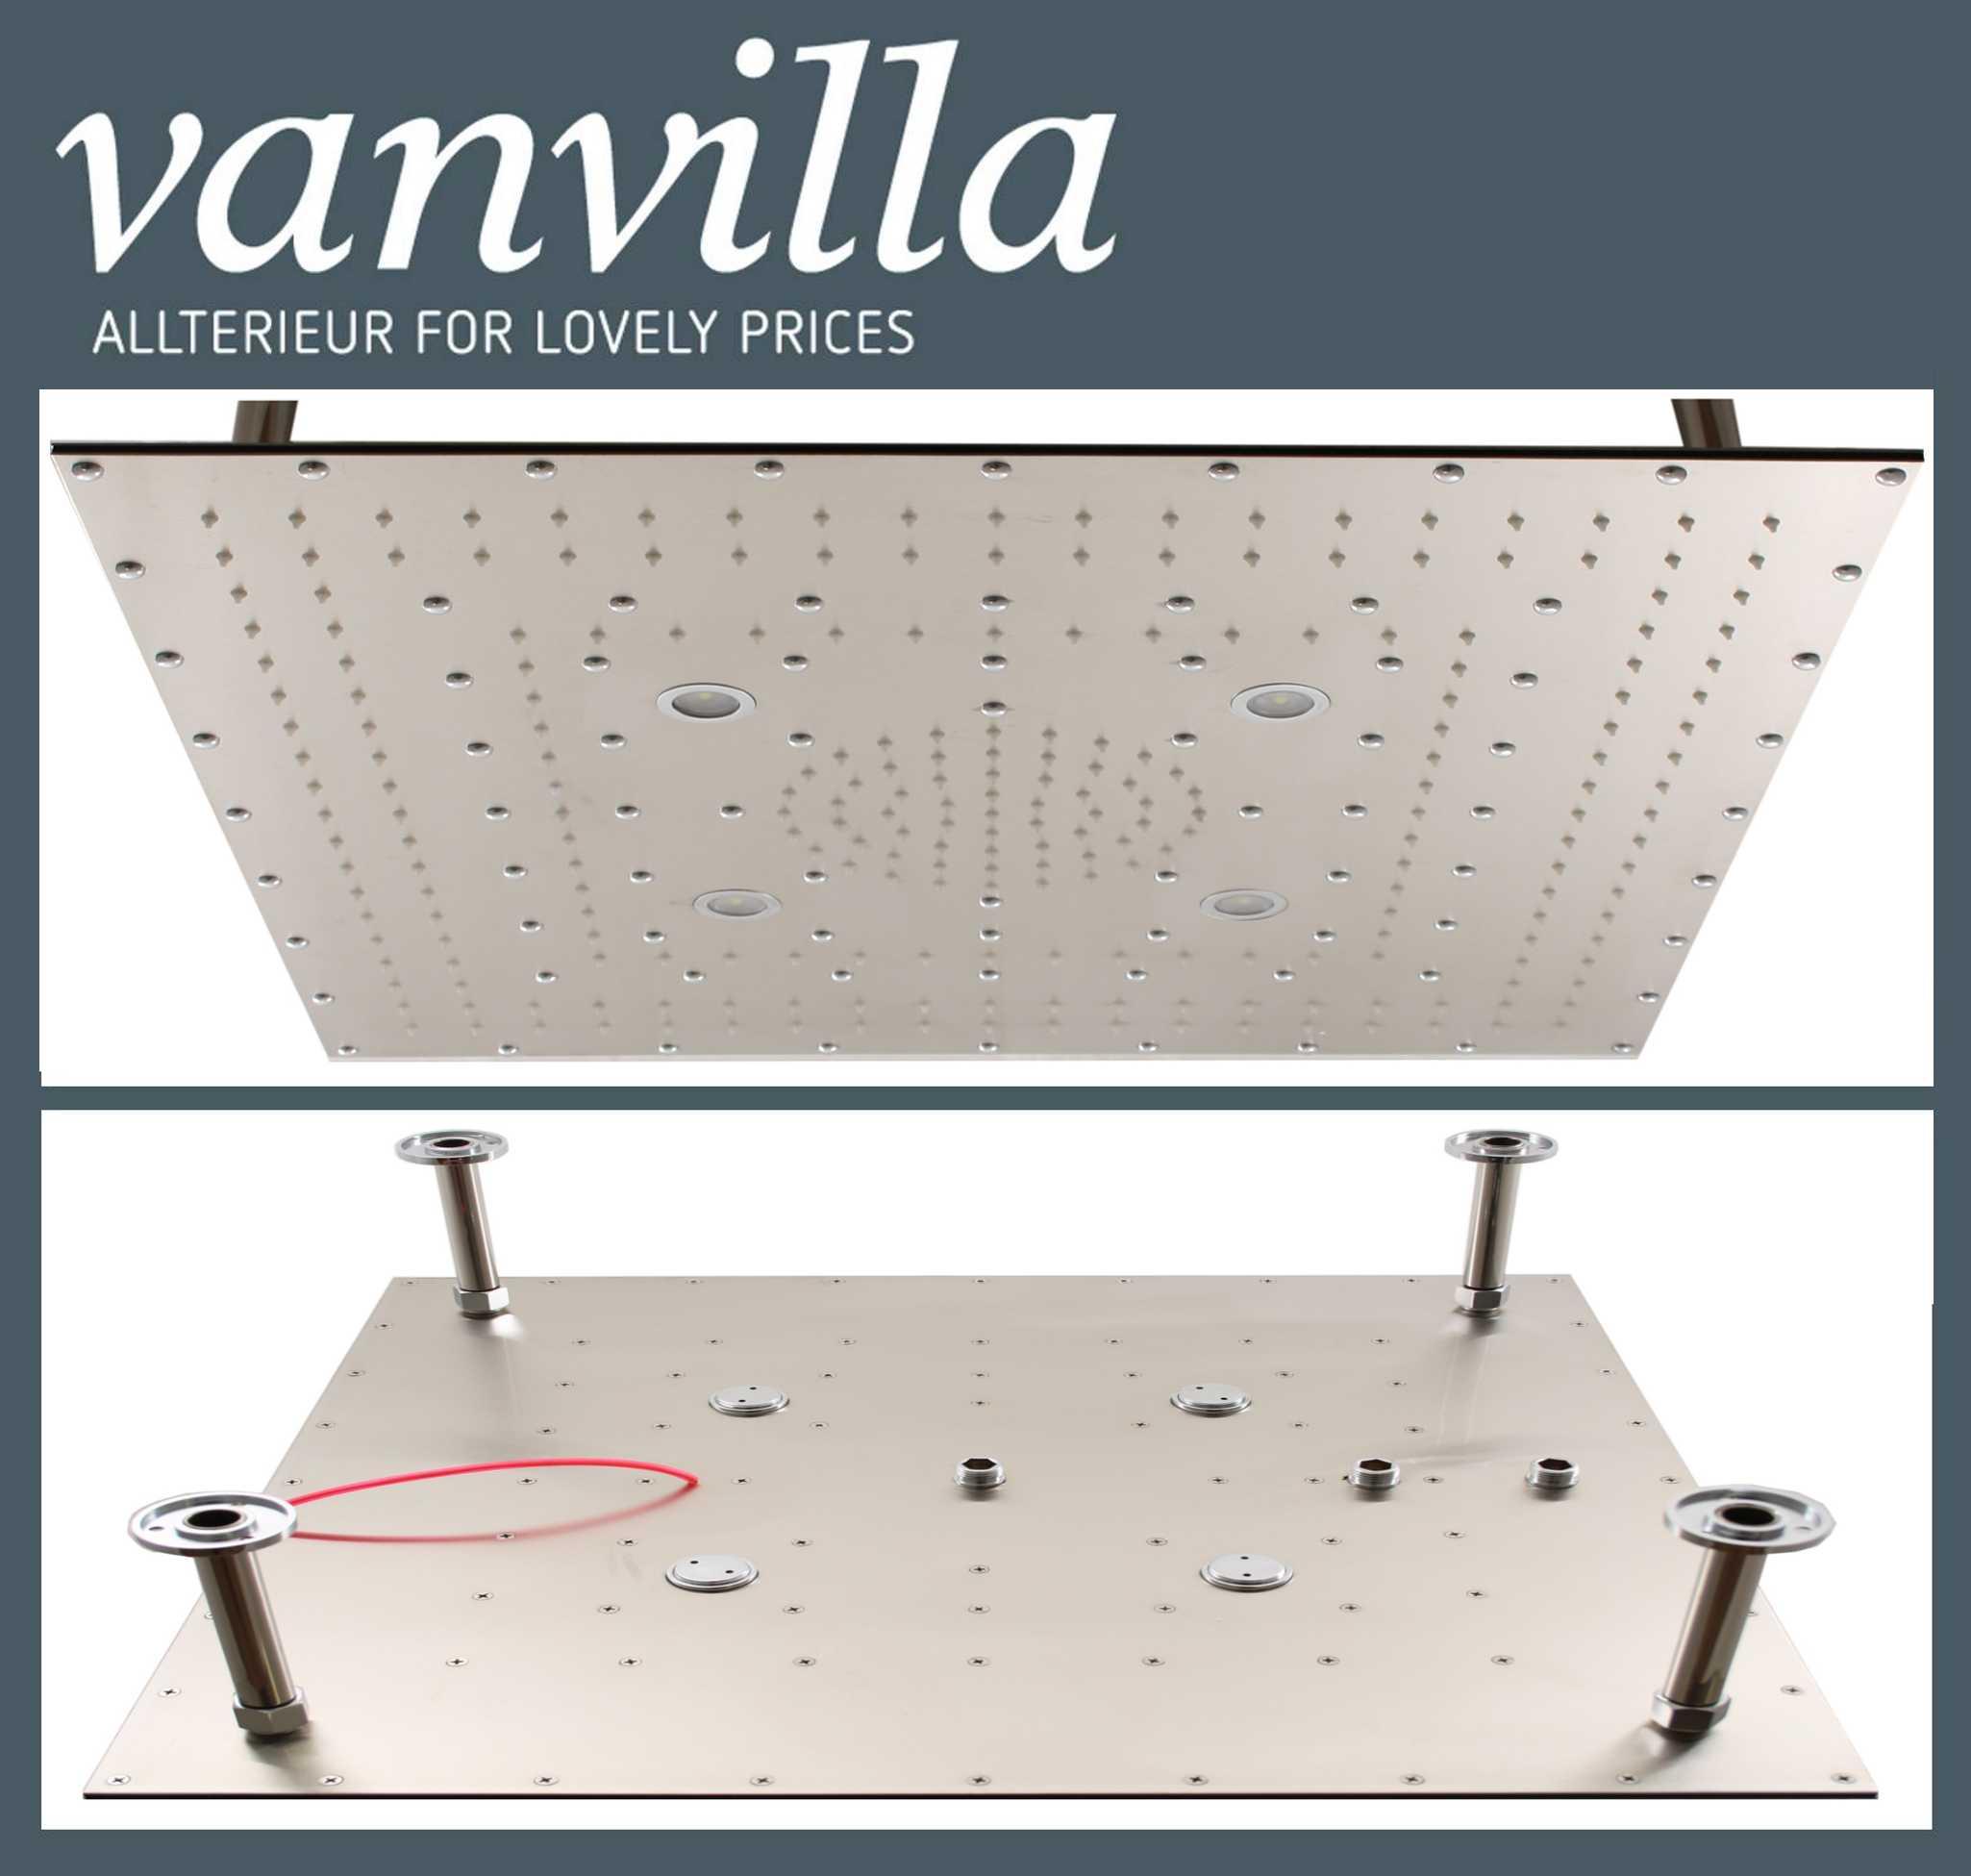 Duschkopf vanvilla Slim Design LED 60cm x 60cm Edelstahl gebürstet, 851S